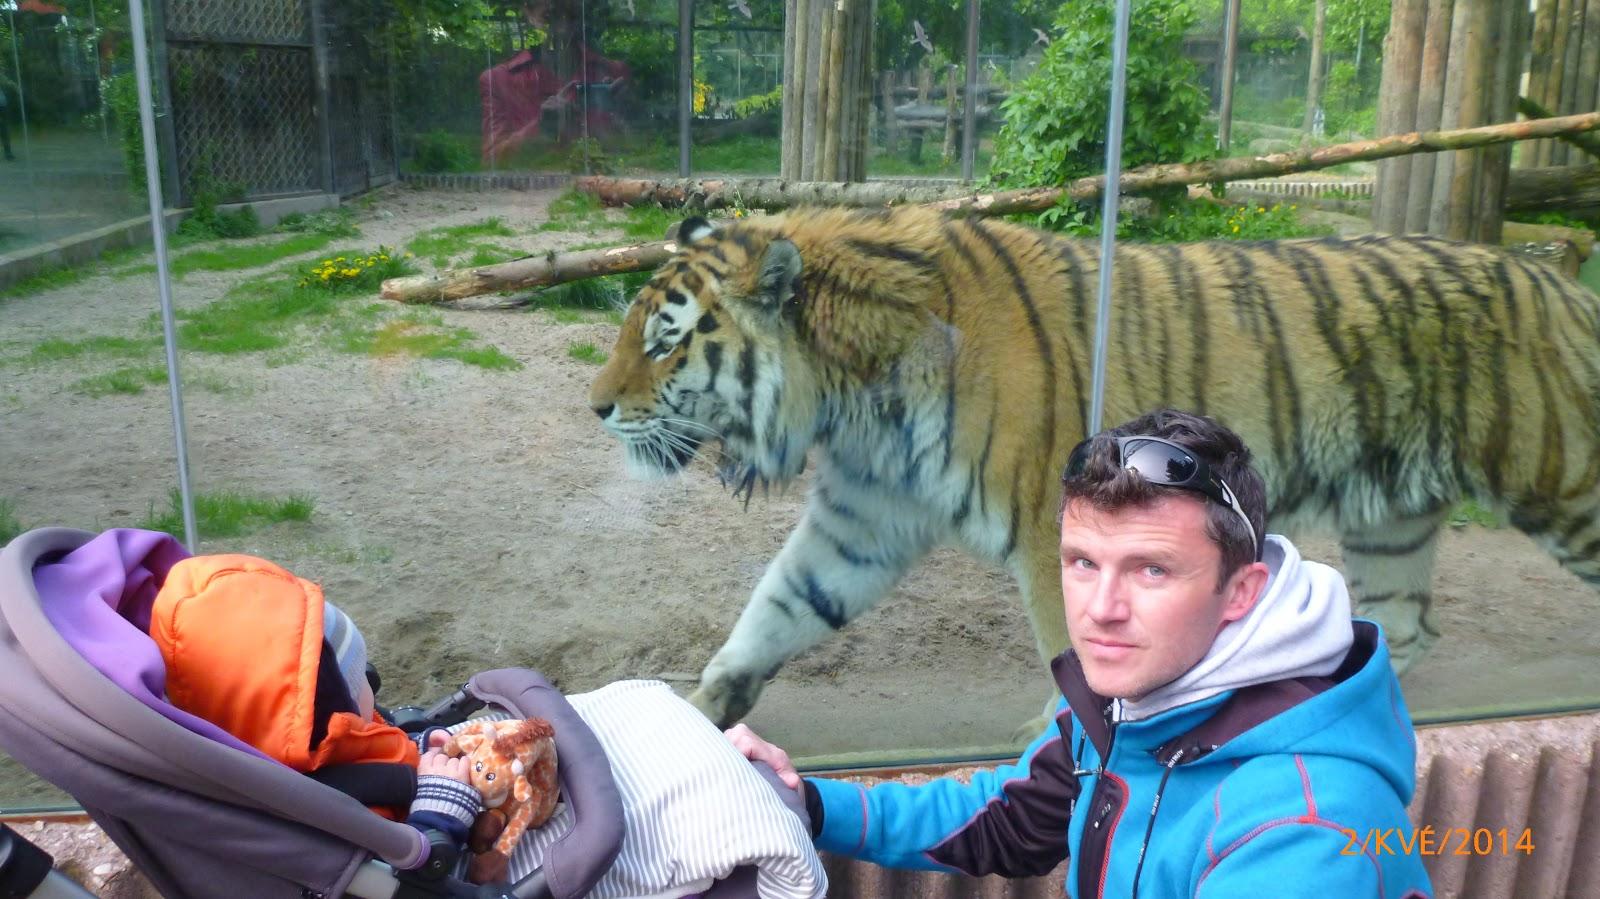 https://www.kempy-chaty.cz/sites/default/files/turistika/safari_dvur_kralove2.jpg